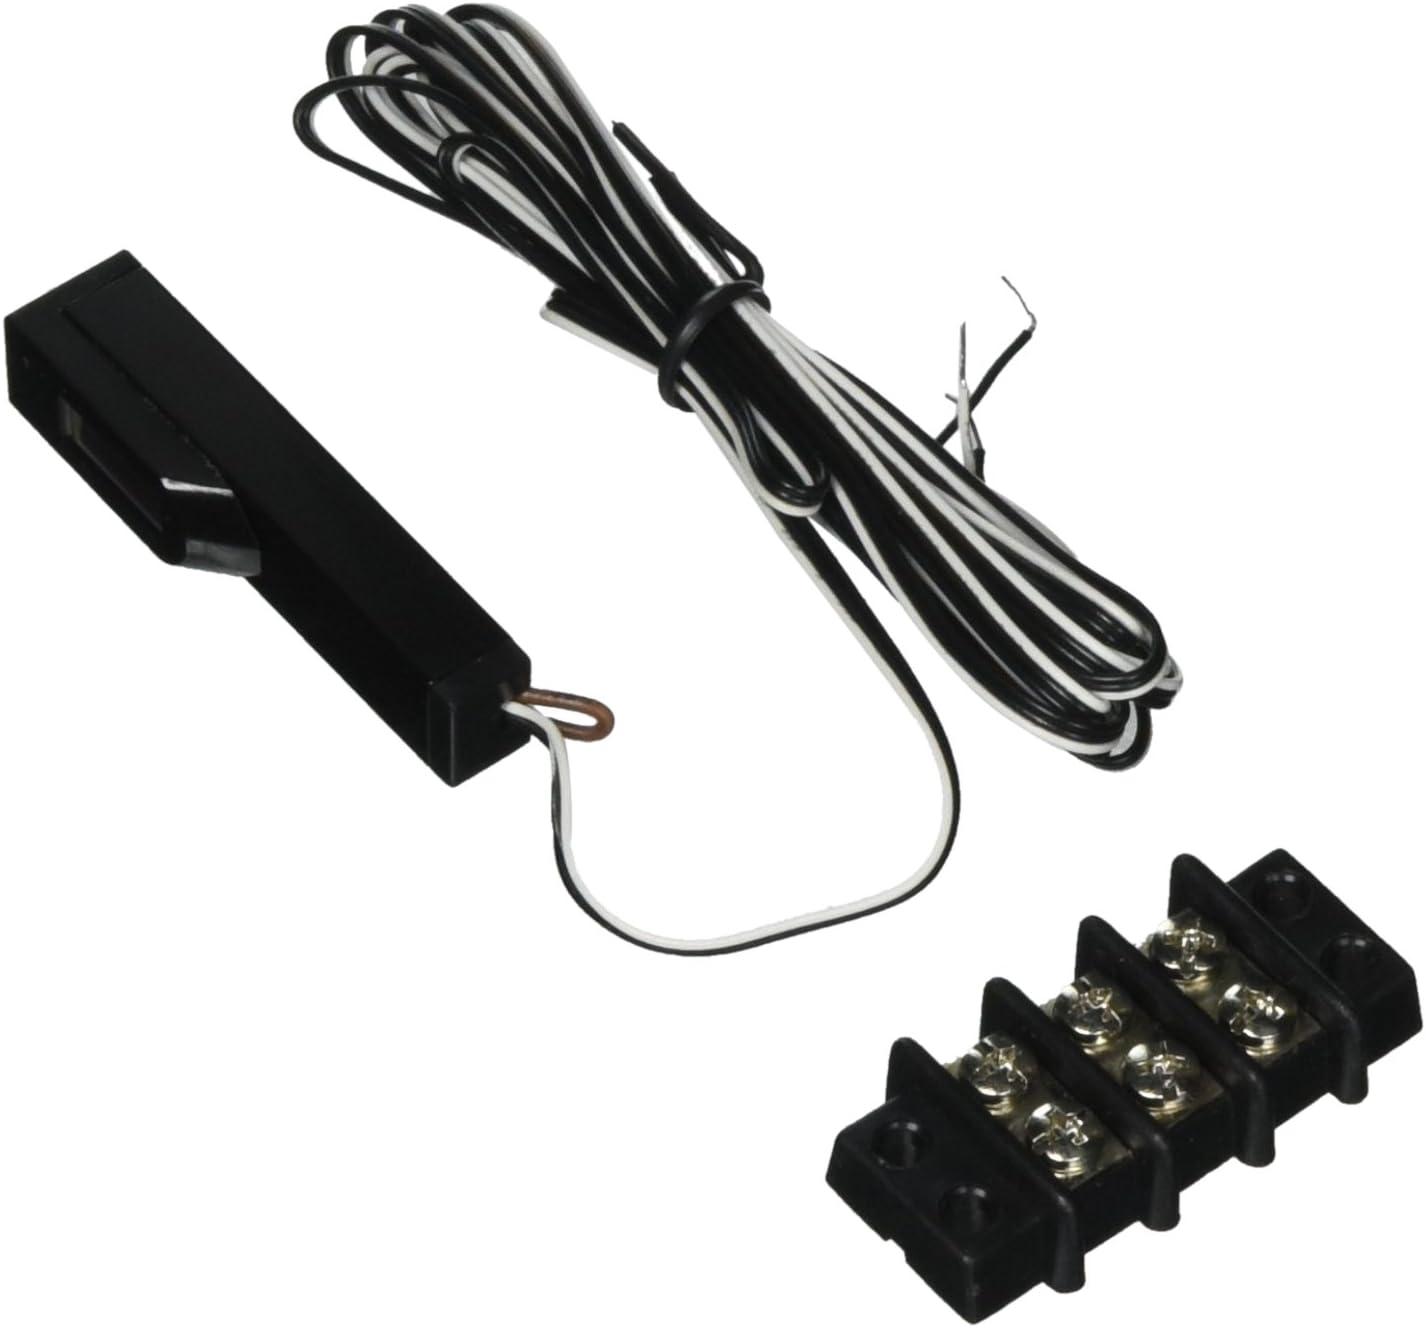 Russound 860P Phantom Phantom Plasma IR Infrared Receiver in Black